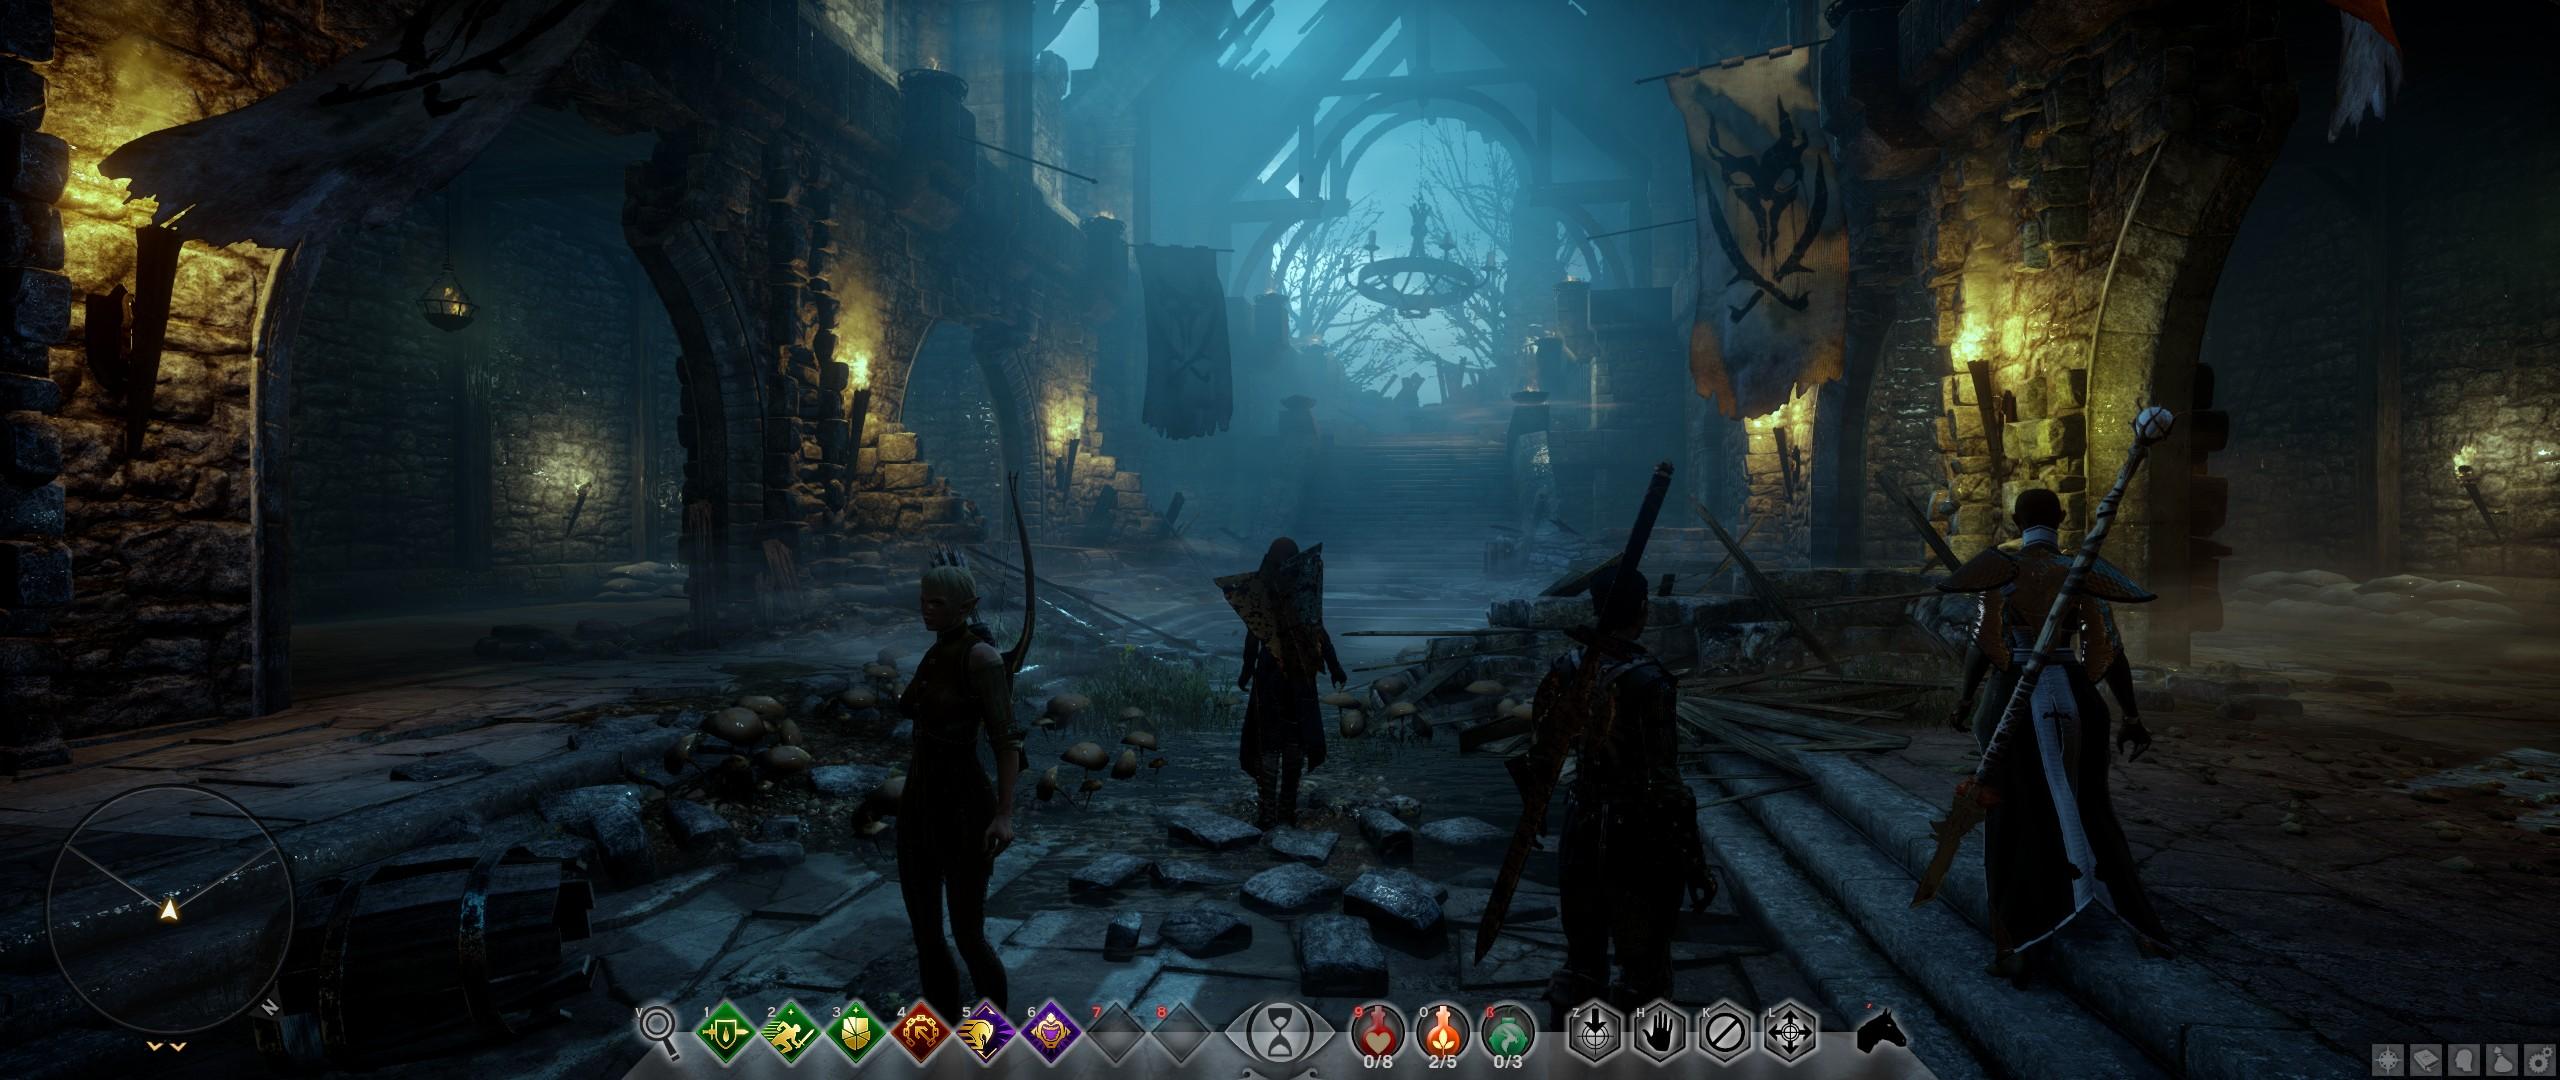 ScreenshotWin32_0054_Final